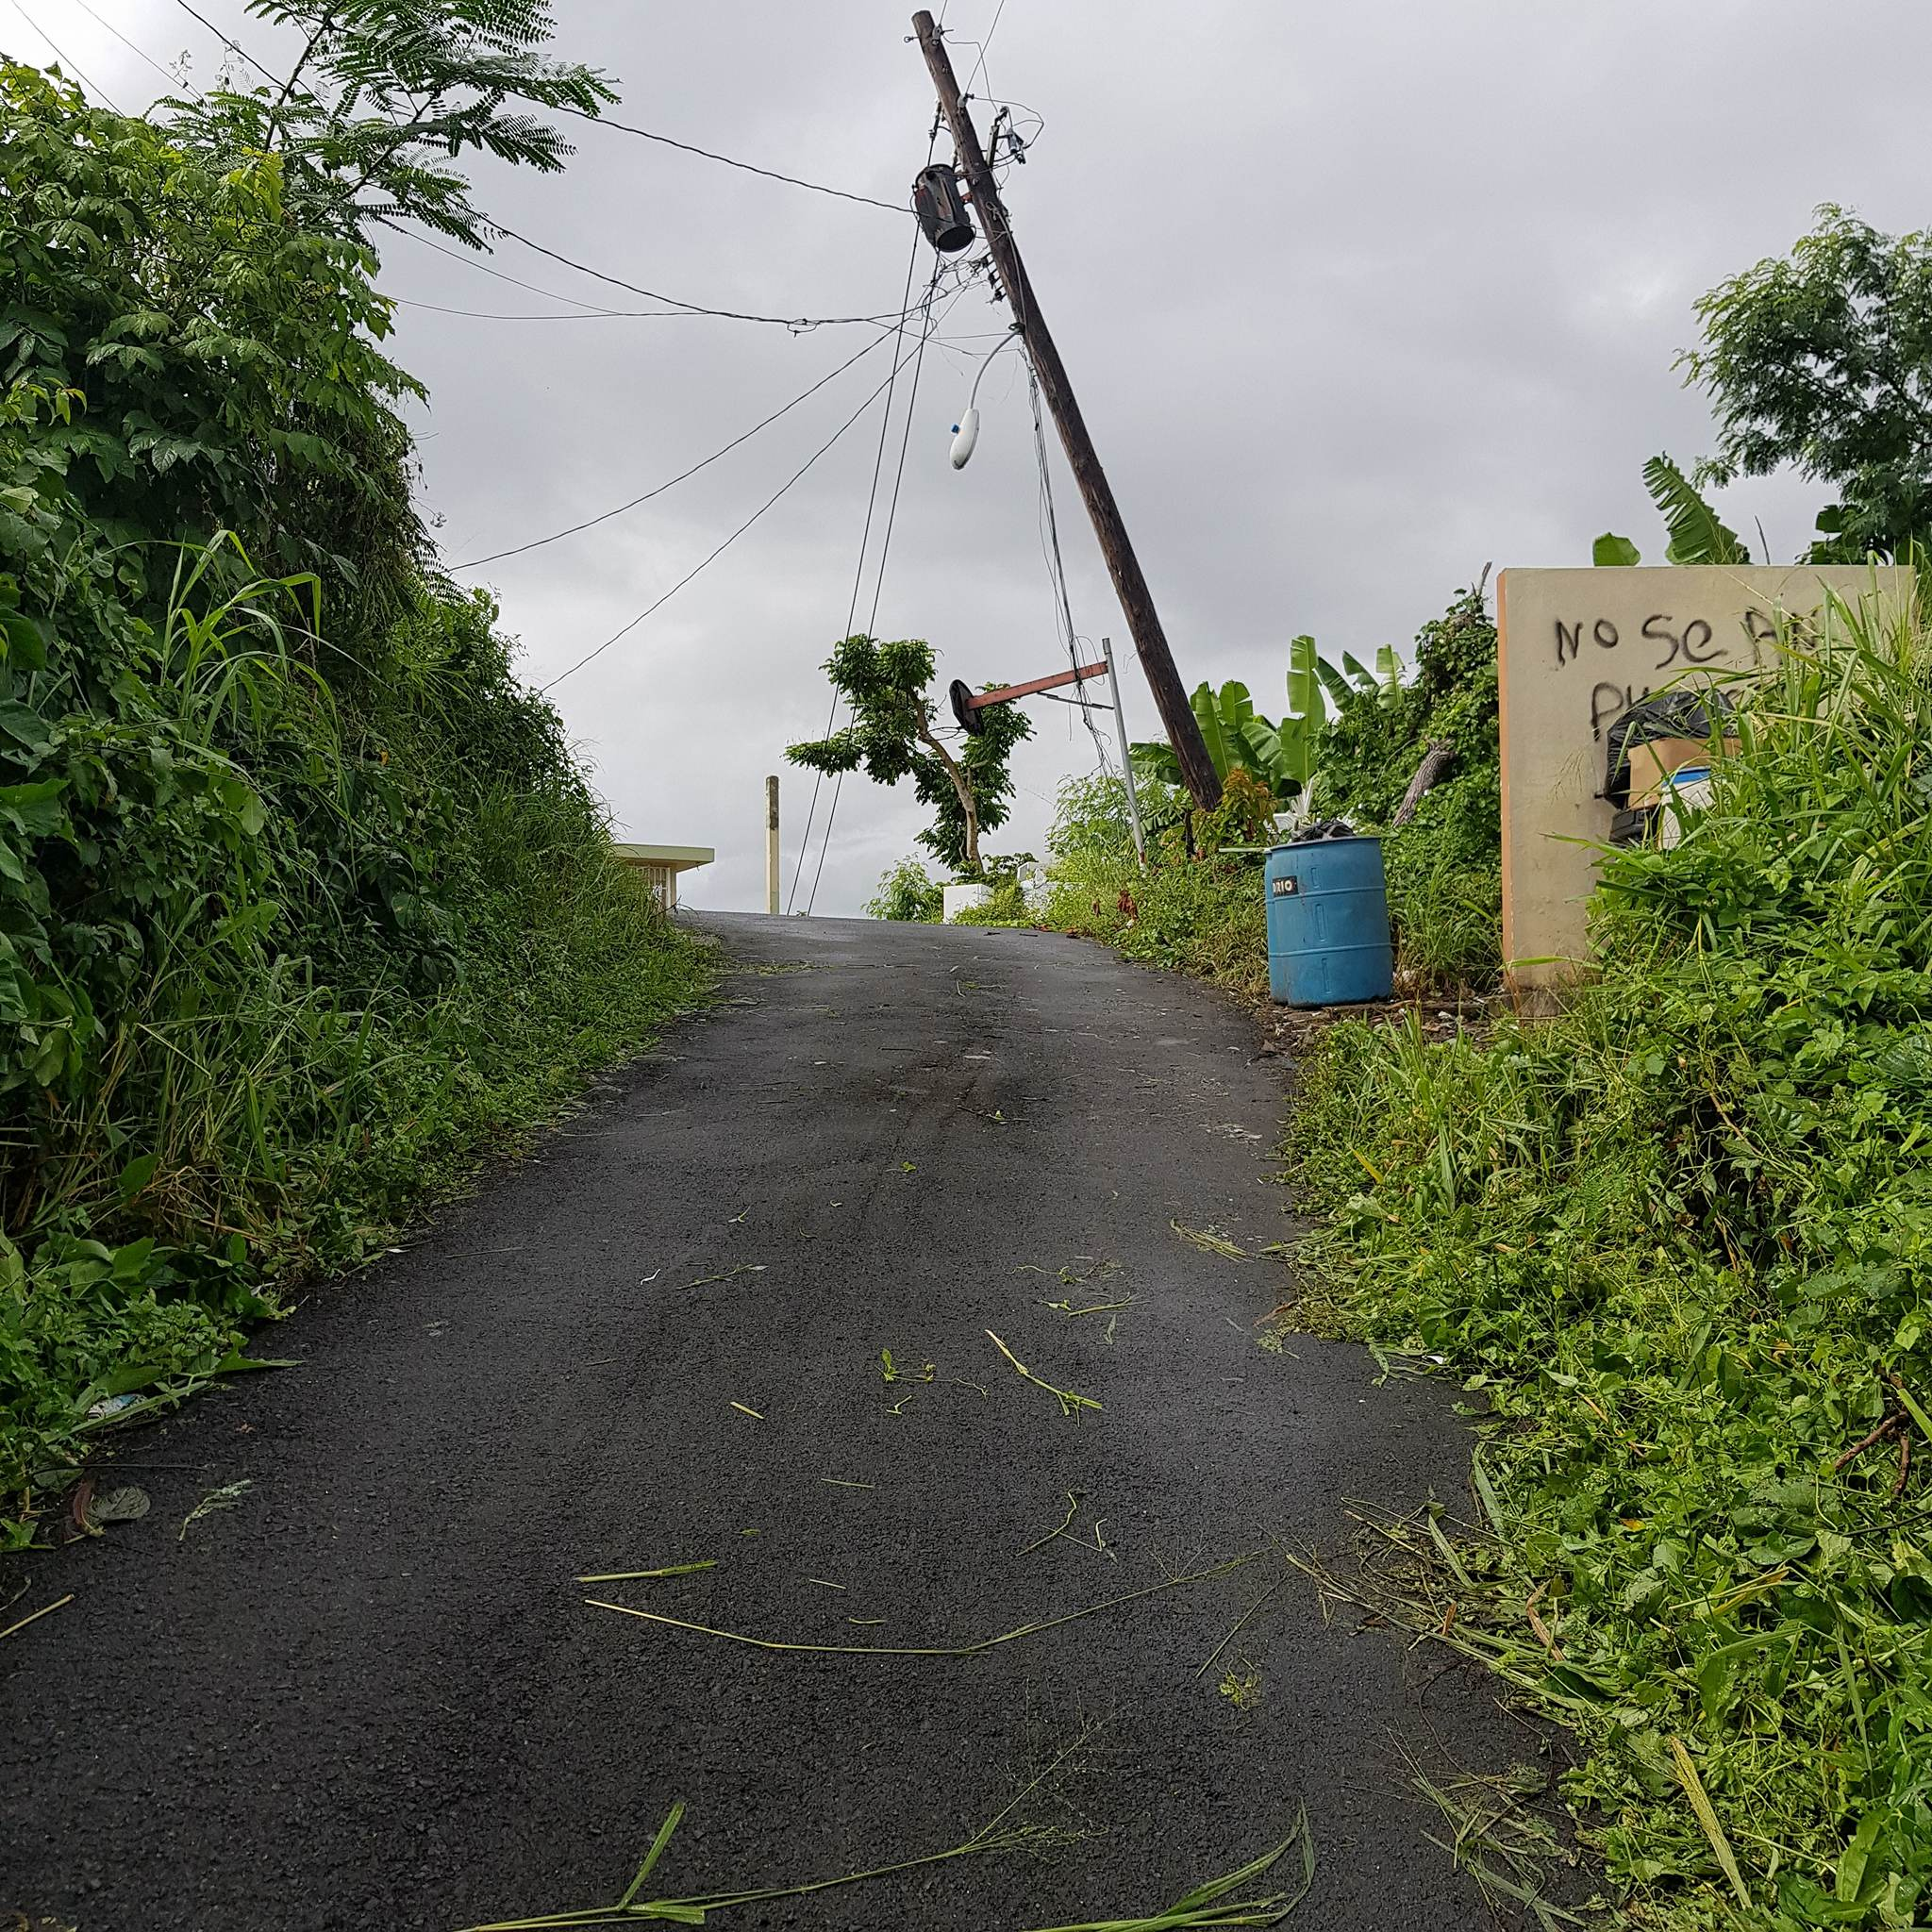 Jóvenes de Syracuse University (New York) y la Iglesia Bíblica Metro ayudan en Carolina, Puerto Rico tras el paso del Huracán María.